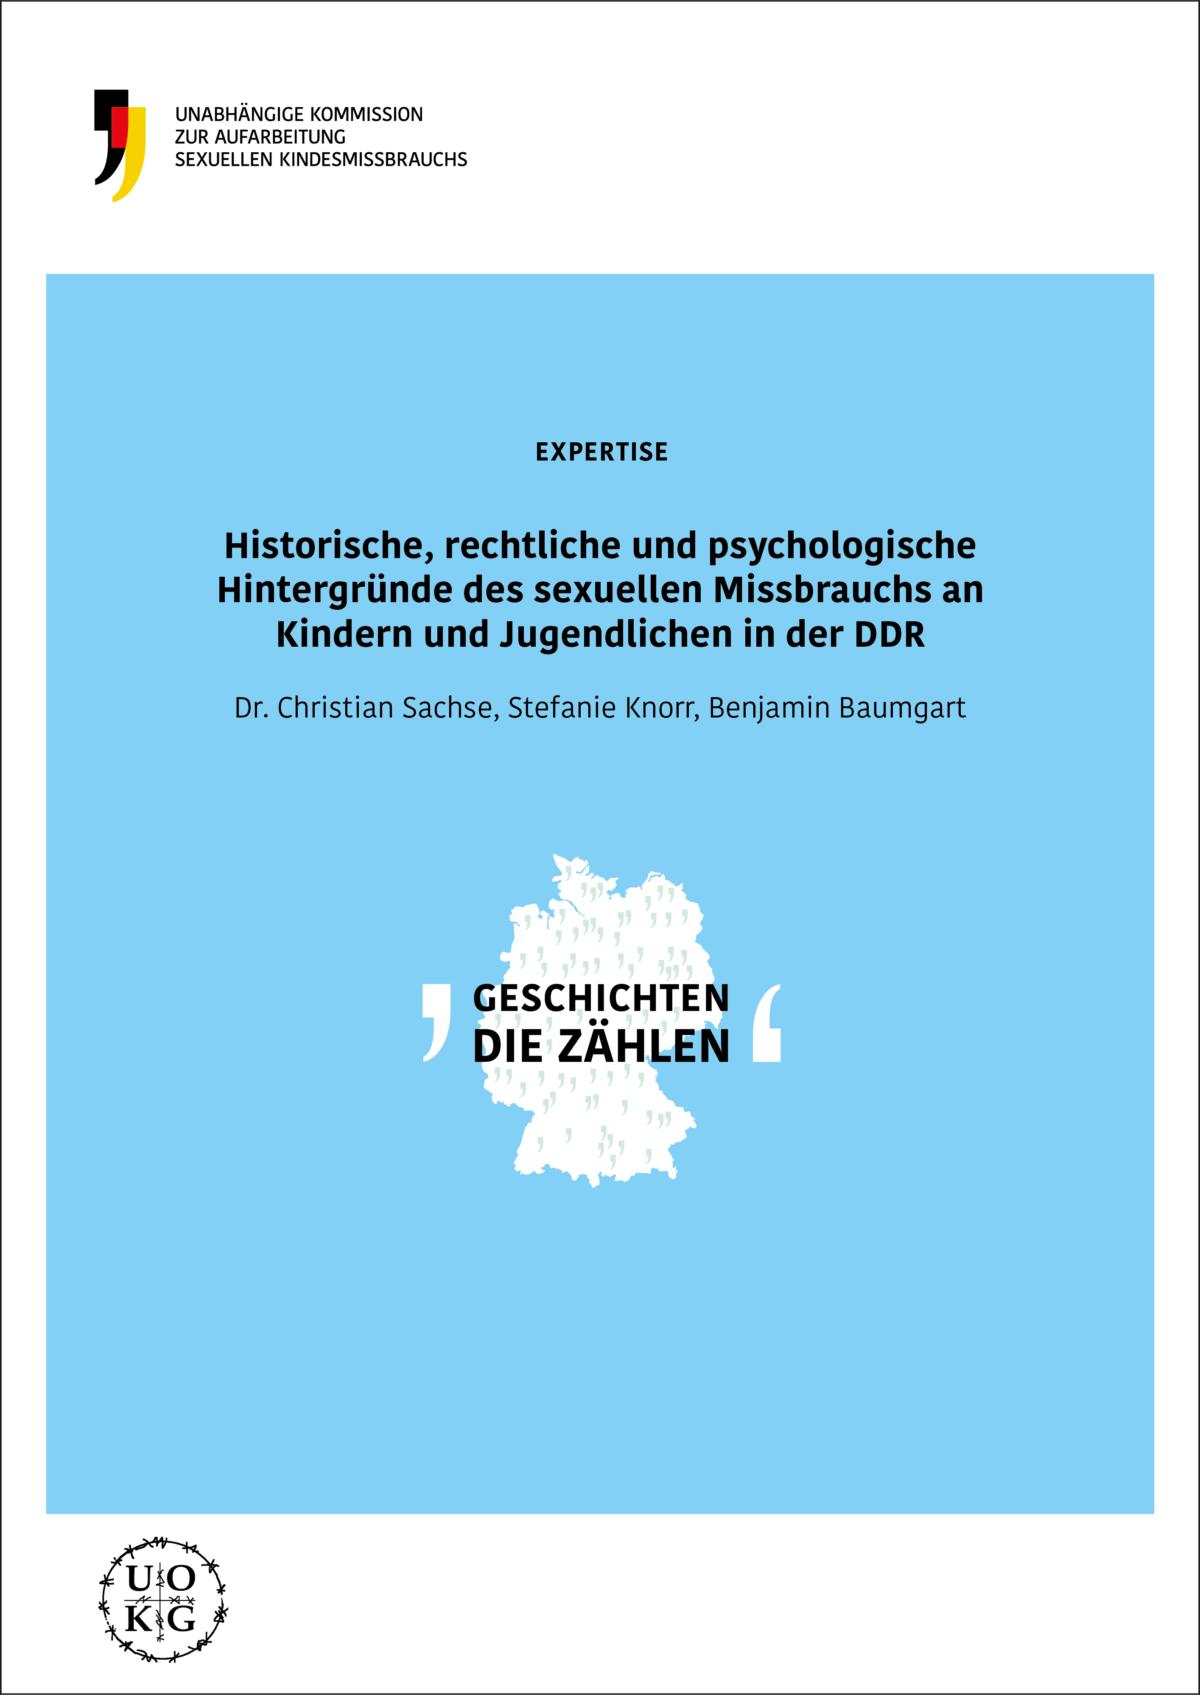 Cover der Expertise. Darauf steht der Titel Historische, rechtliche und psychologische Hintergründe des sexuellen Missbrauchs an Kindern und Jugendlichen in der DDR